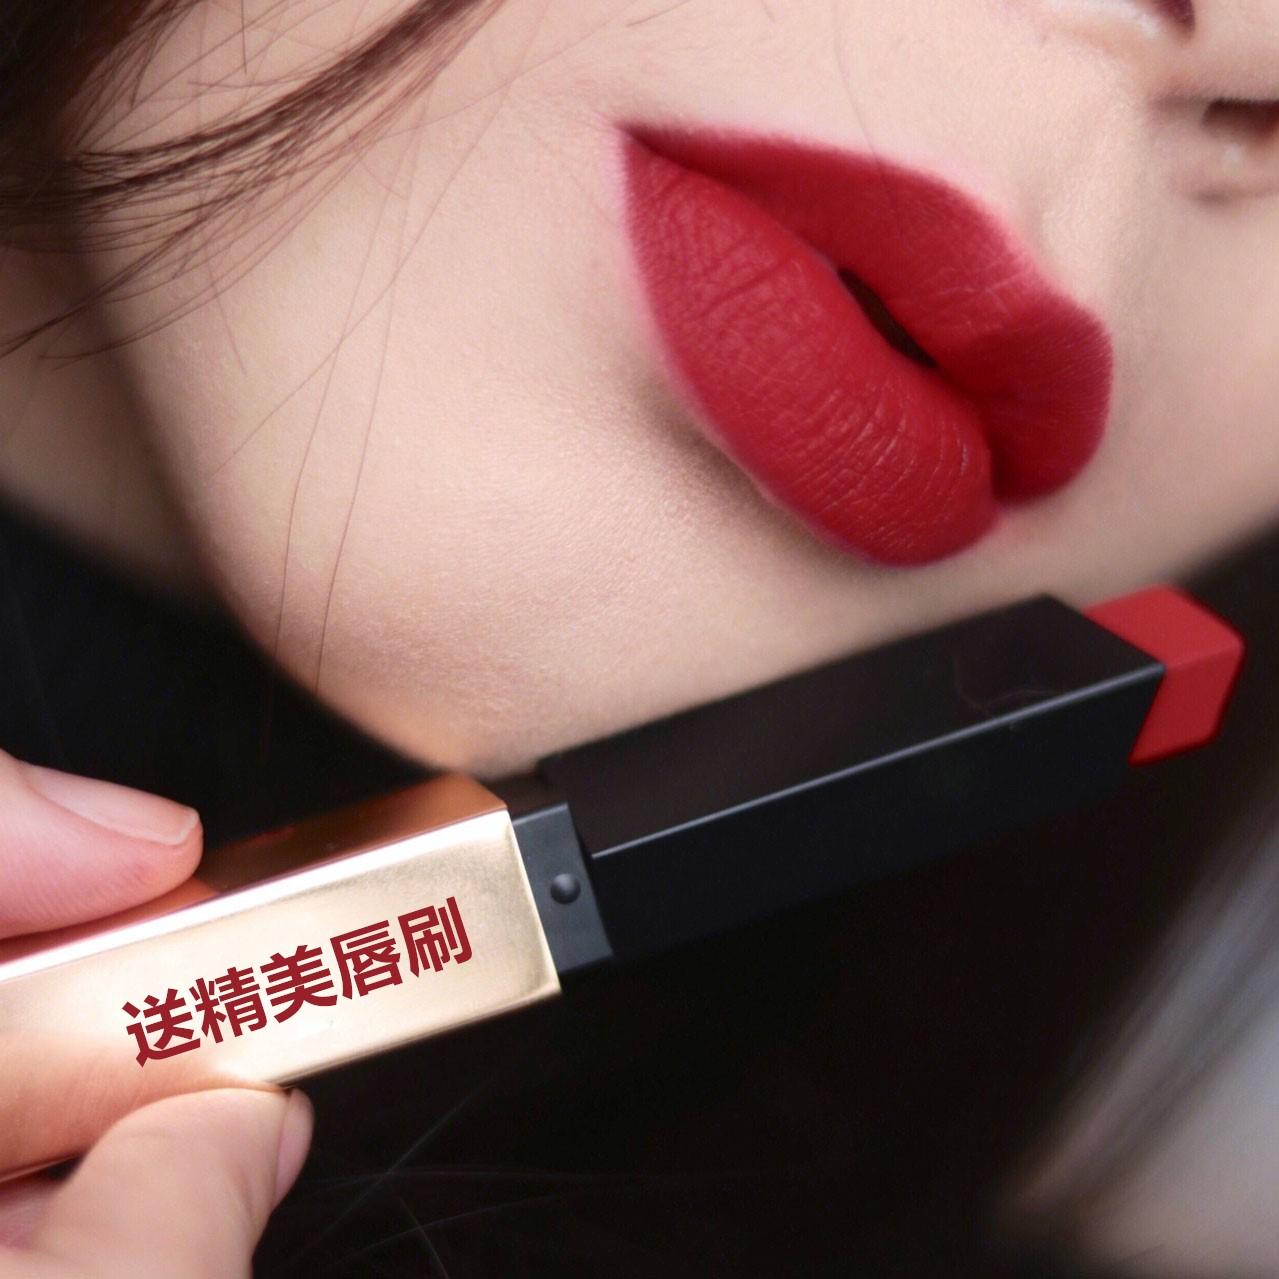 杨树林小金条细管哑光口红持久保湿不易脱色高颜值李佳琦推荐替代